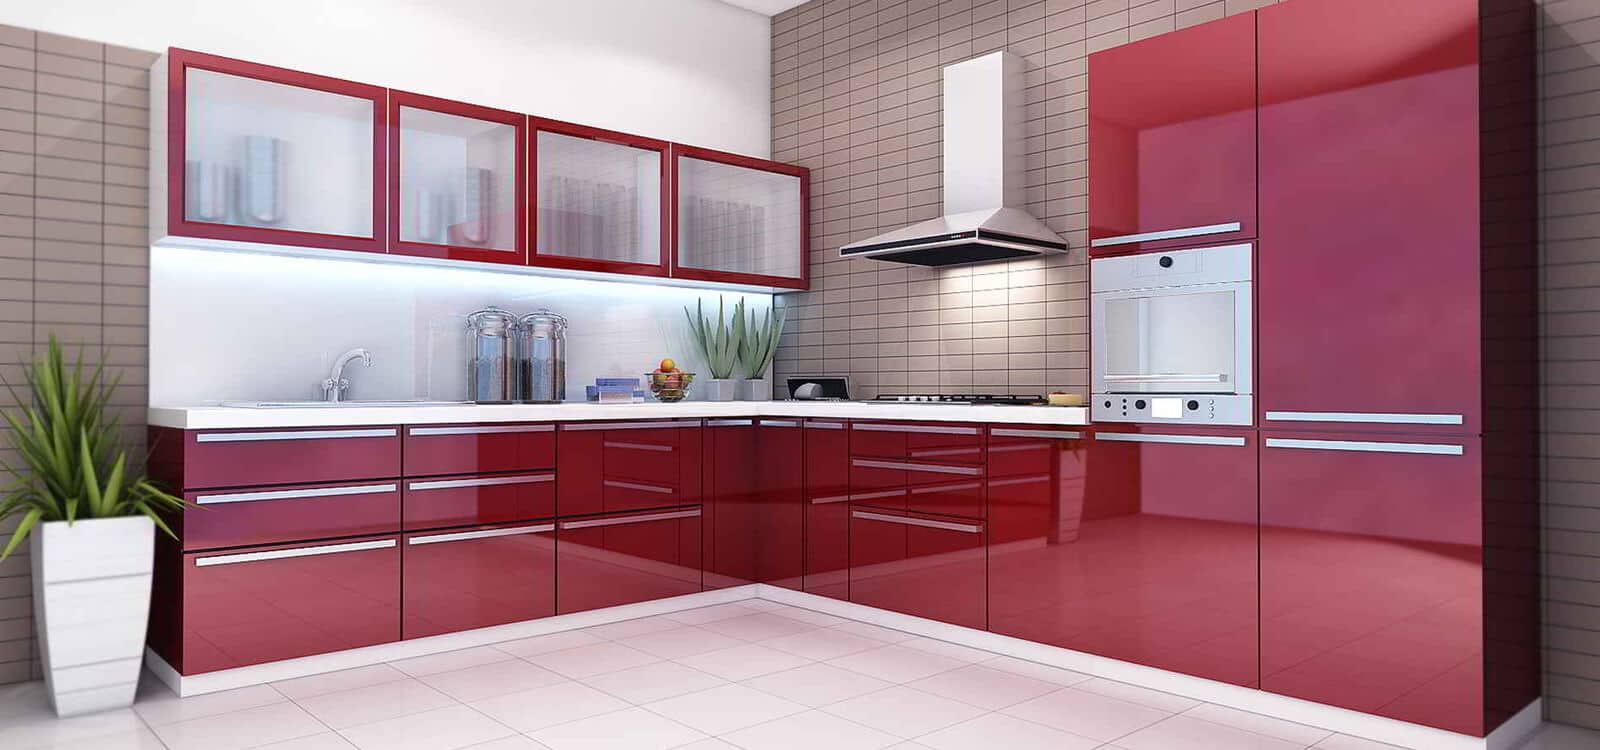 Изготовление мебели кухни под заказ в Одессе